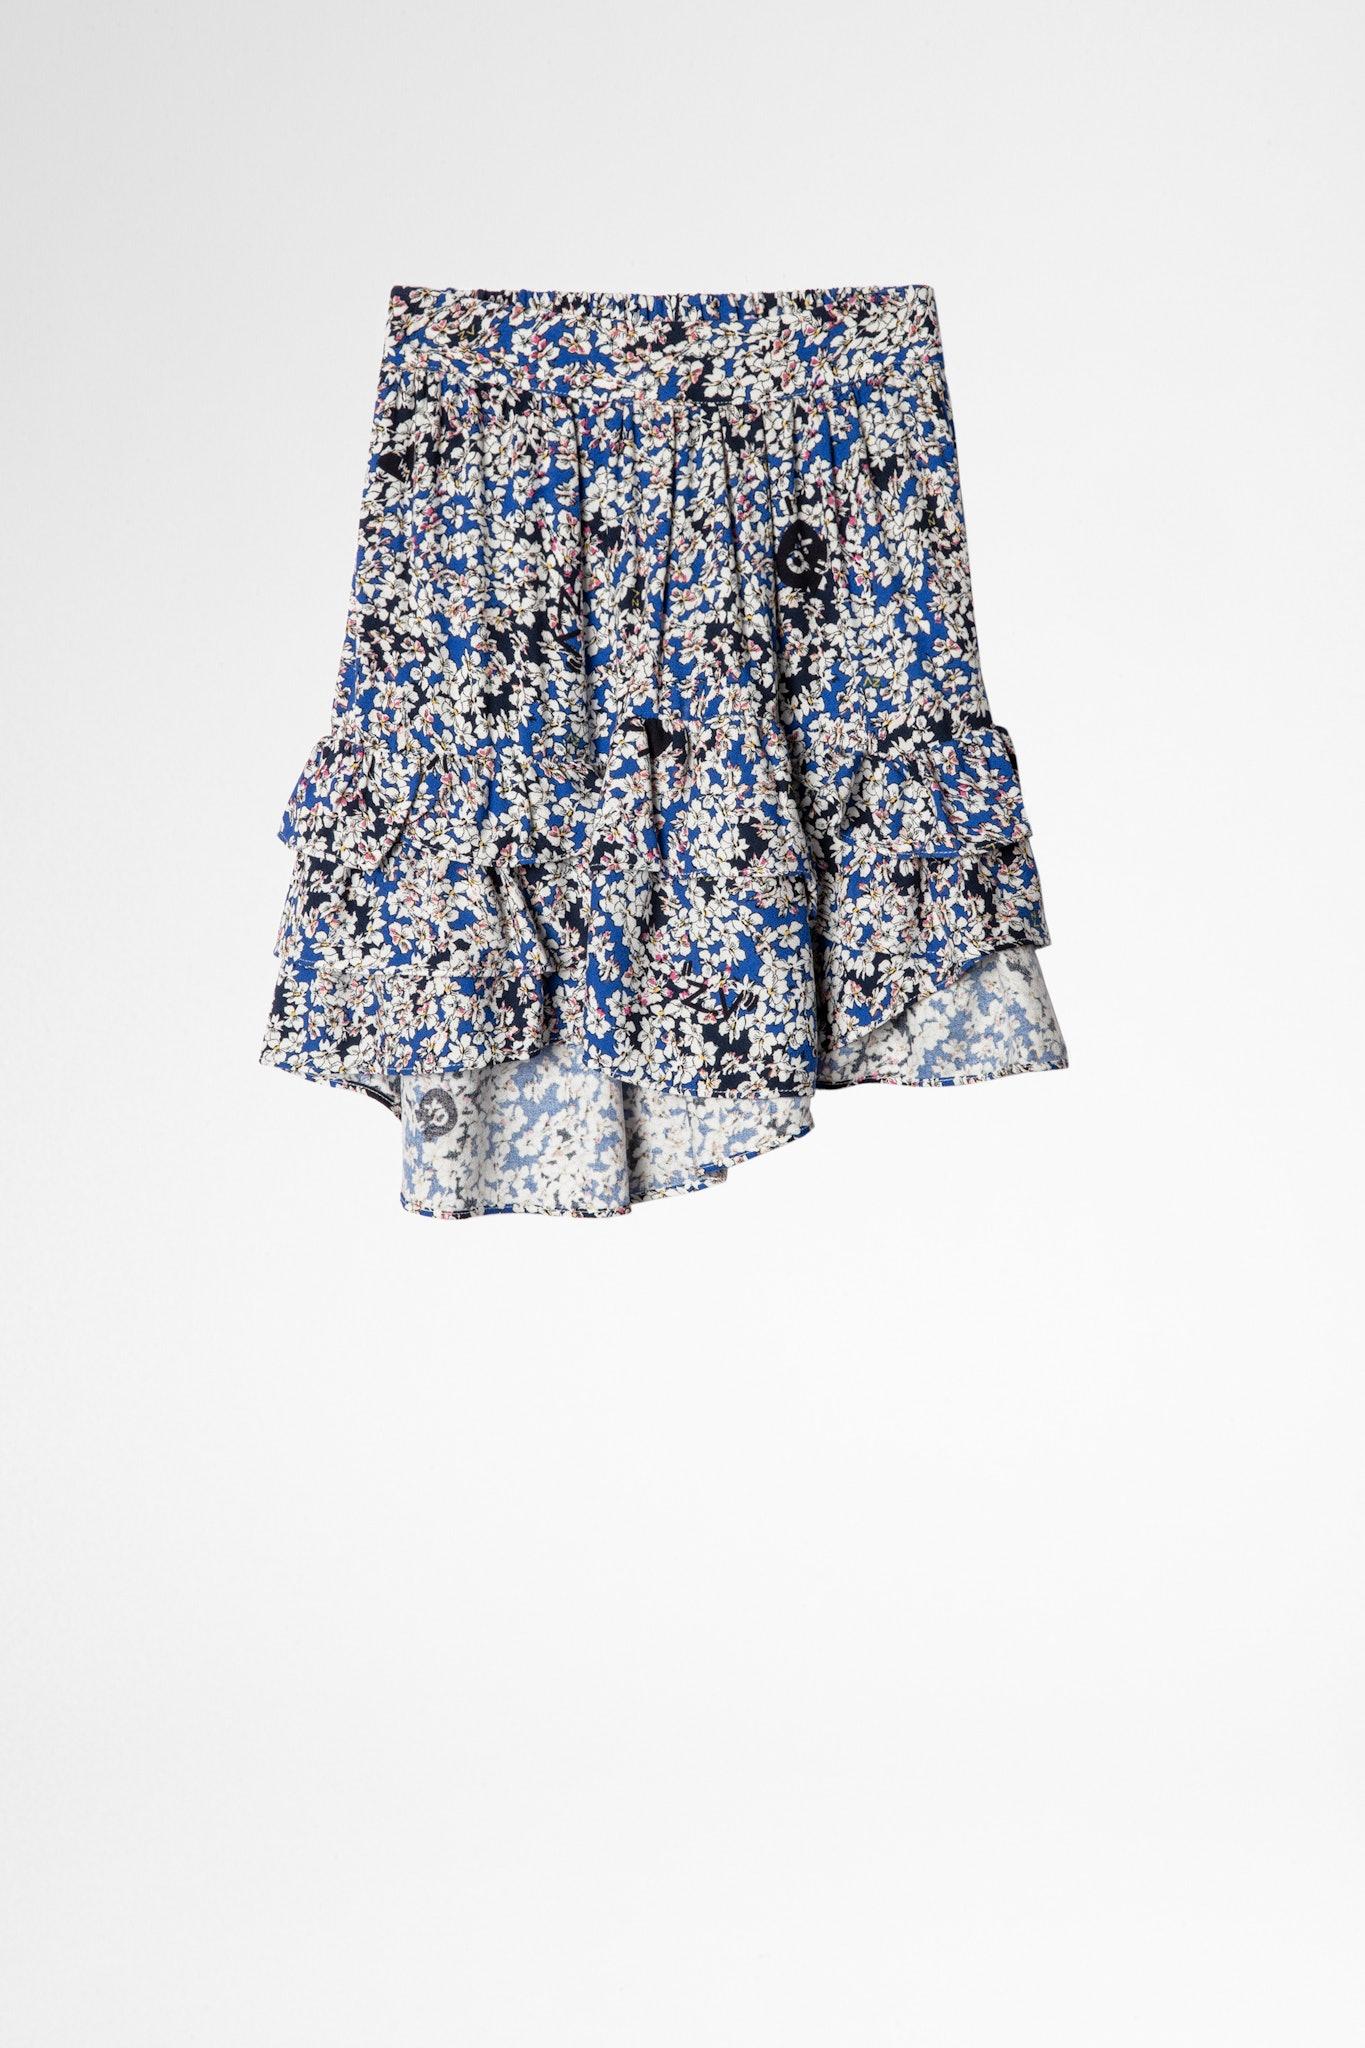 Alexa Enfant Skirt